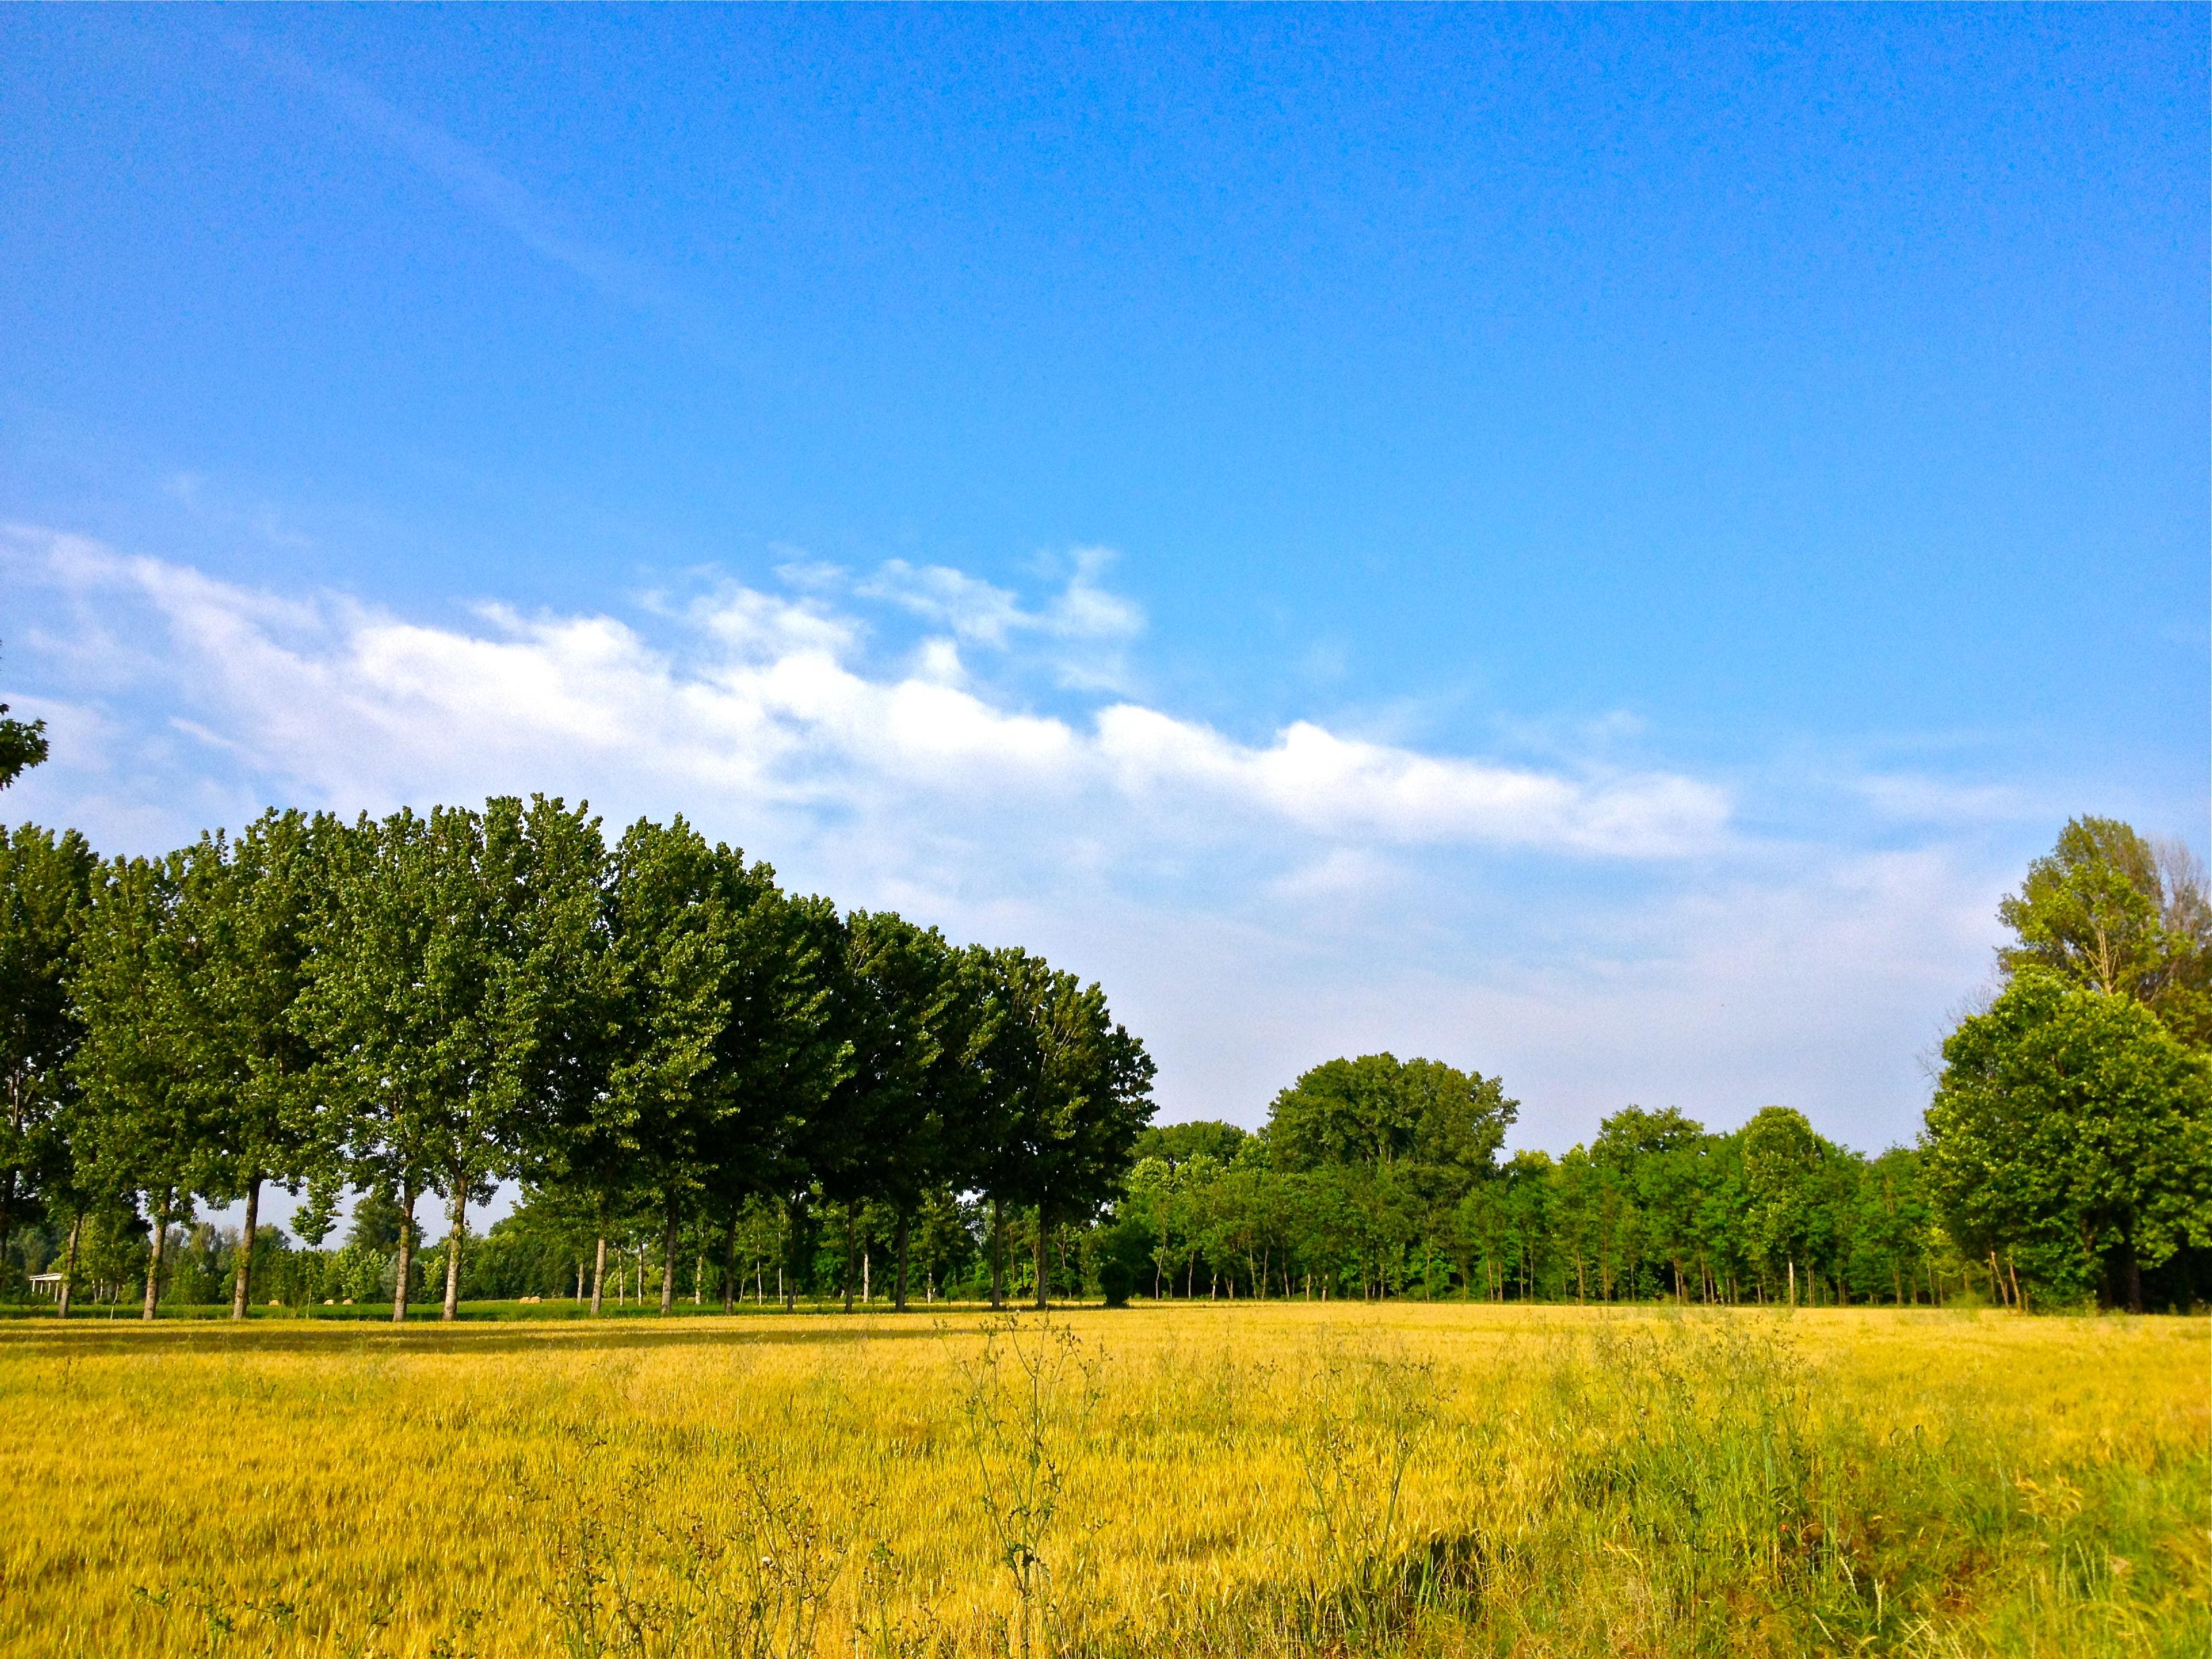 June, come back soon! Mozzanica (BG), giugno 2013